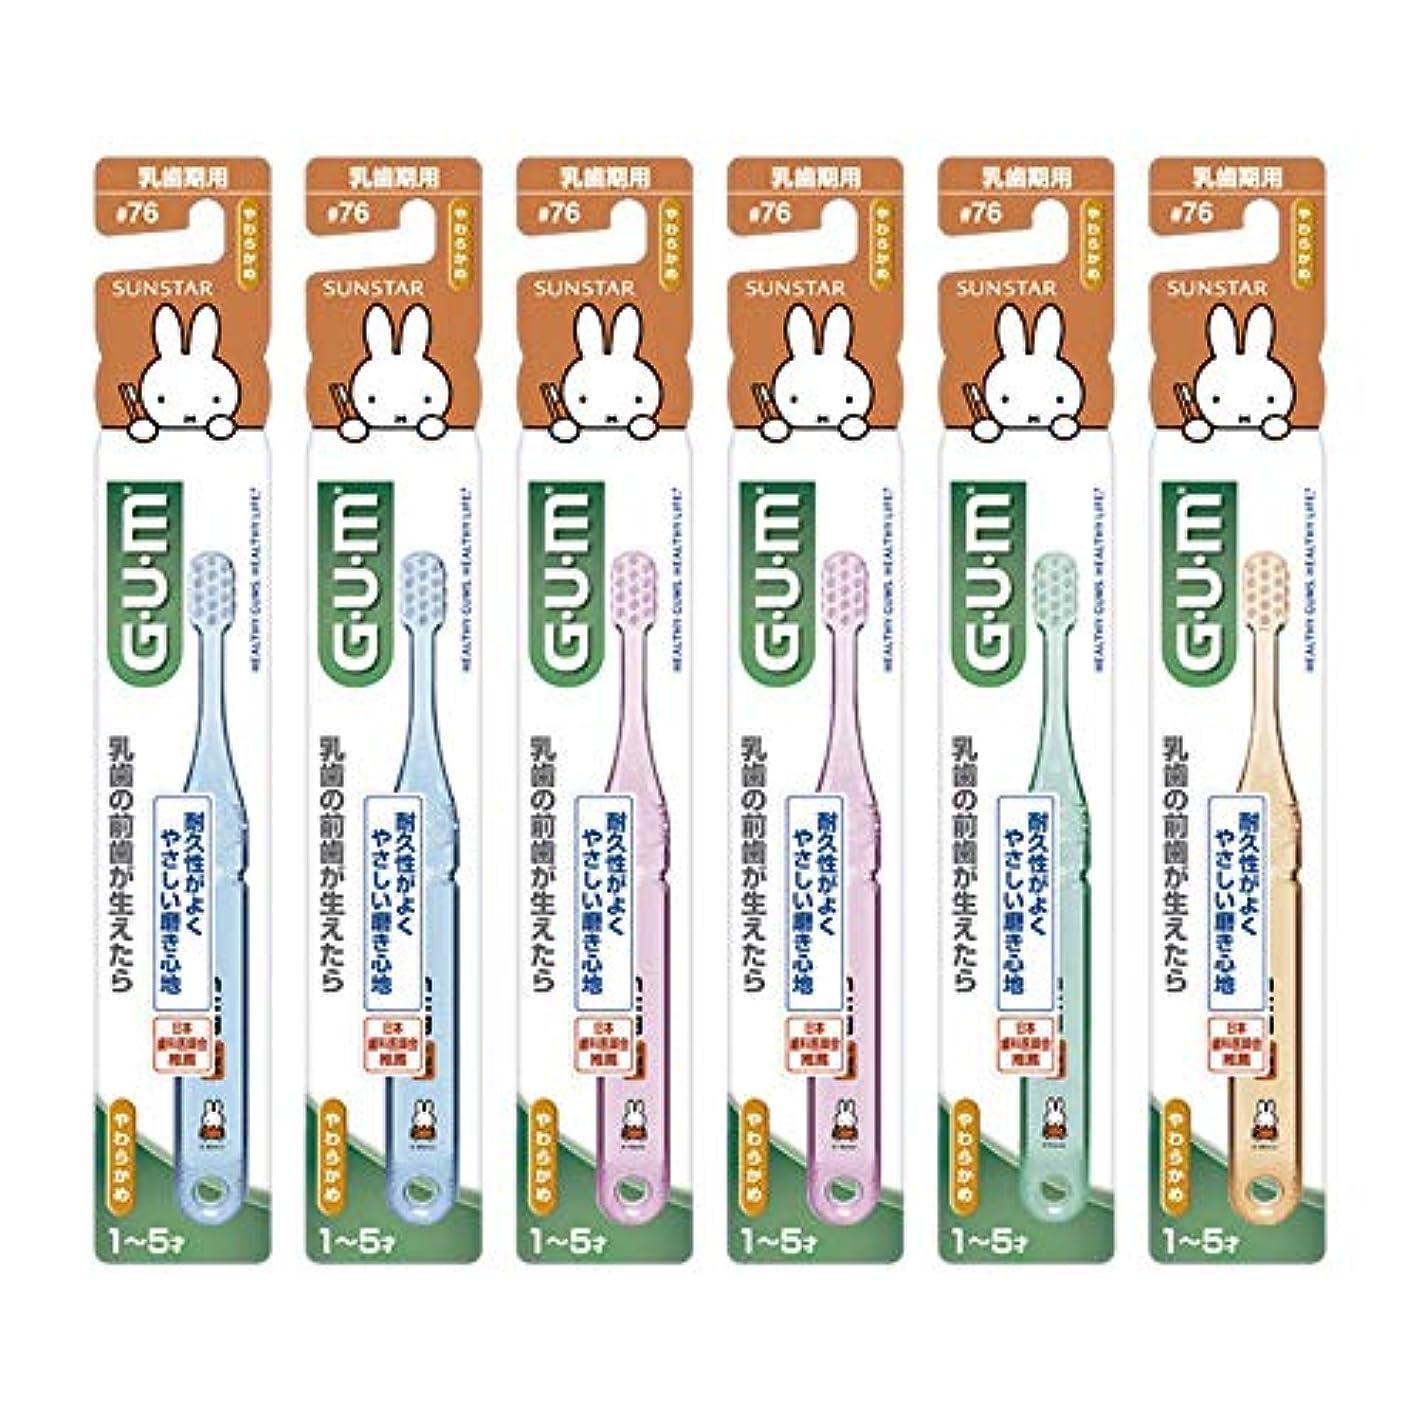 サワーホイスト温室GUM(ガム) デンタル こども 歯ブラシ #76 [乳歯期用/やわらかめ] 6本パック+ おまけつき【Amazon.co.jp限定】